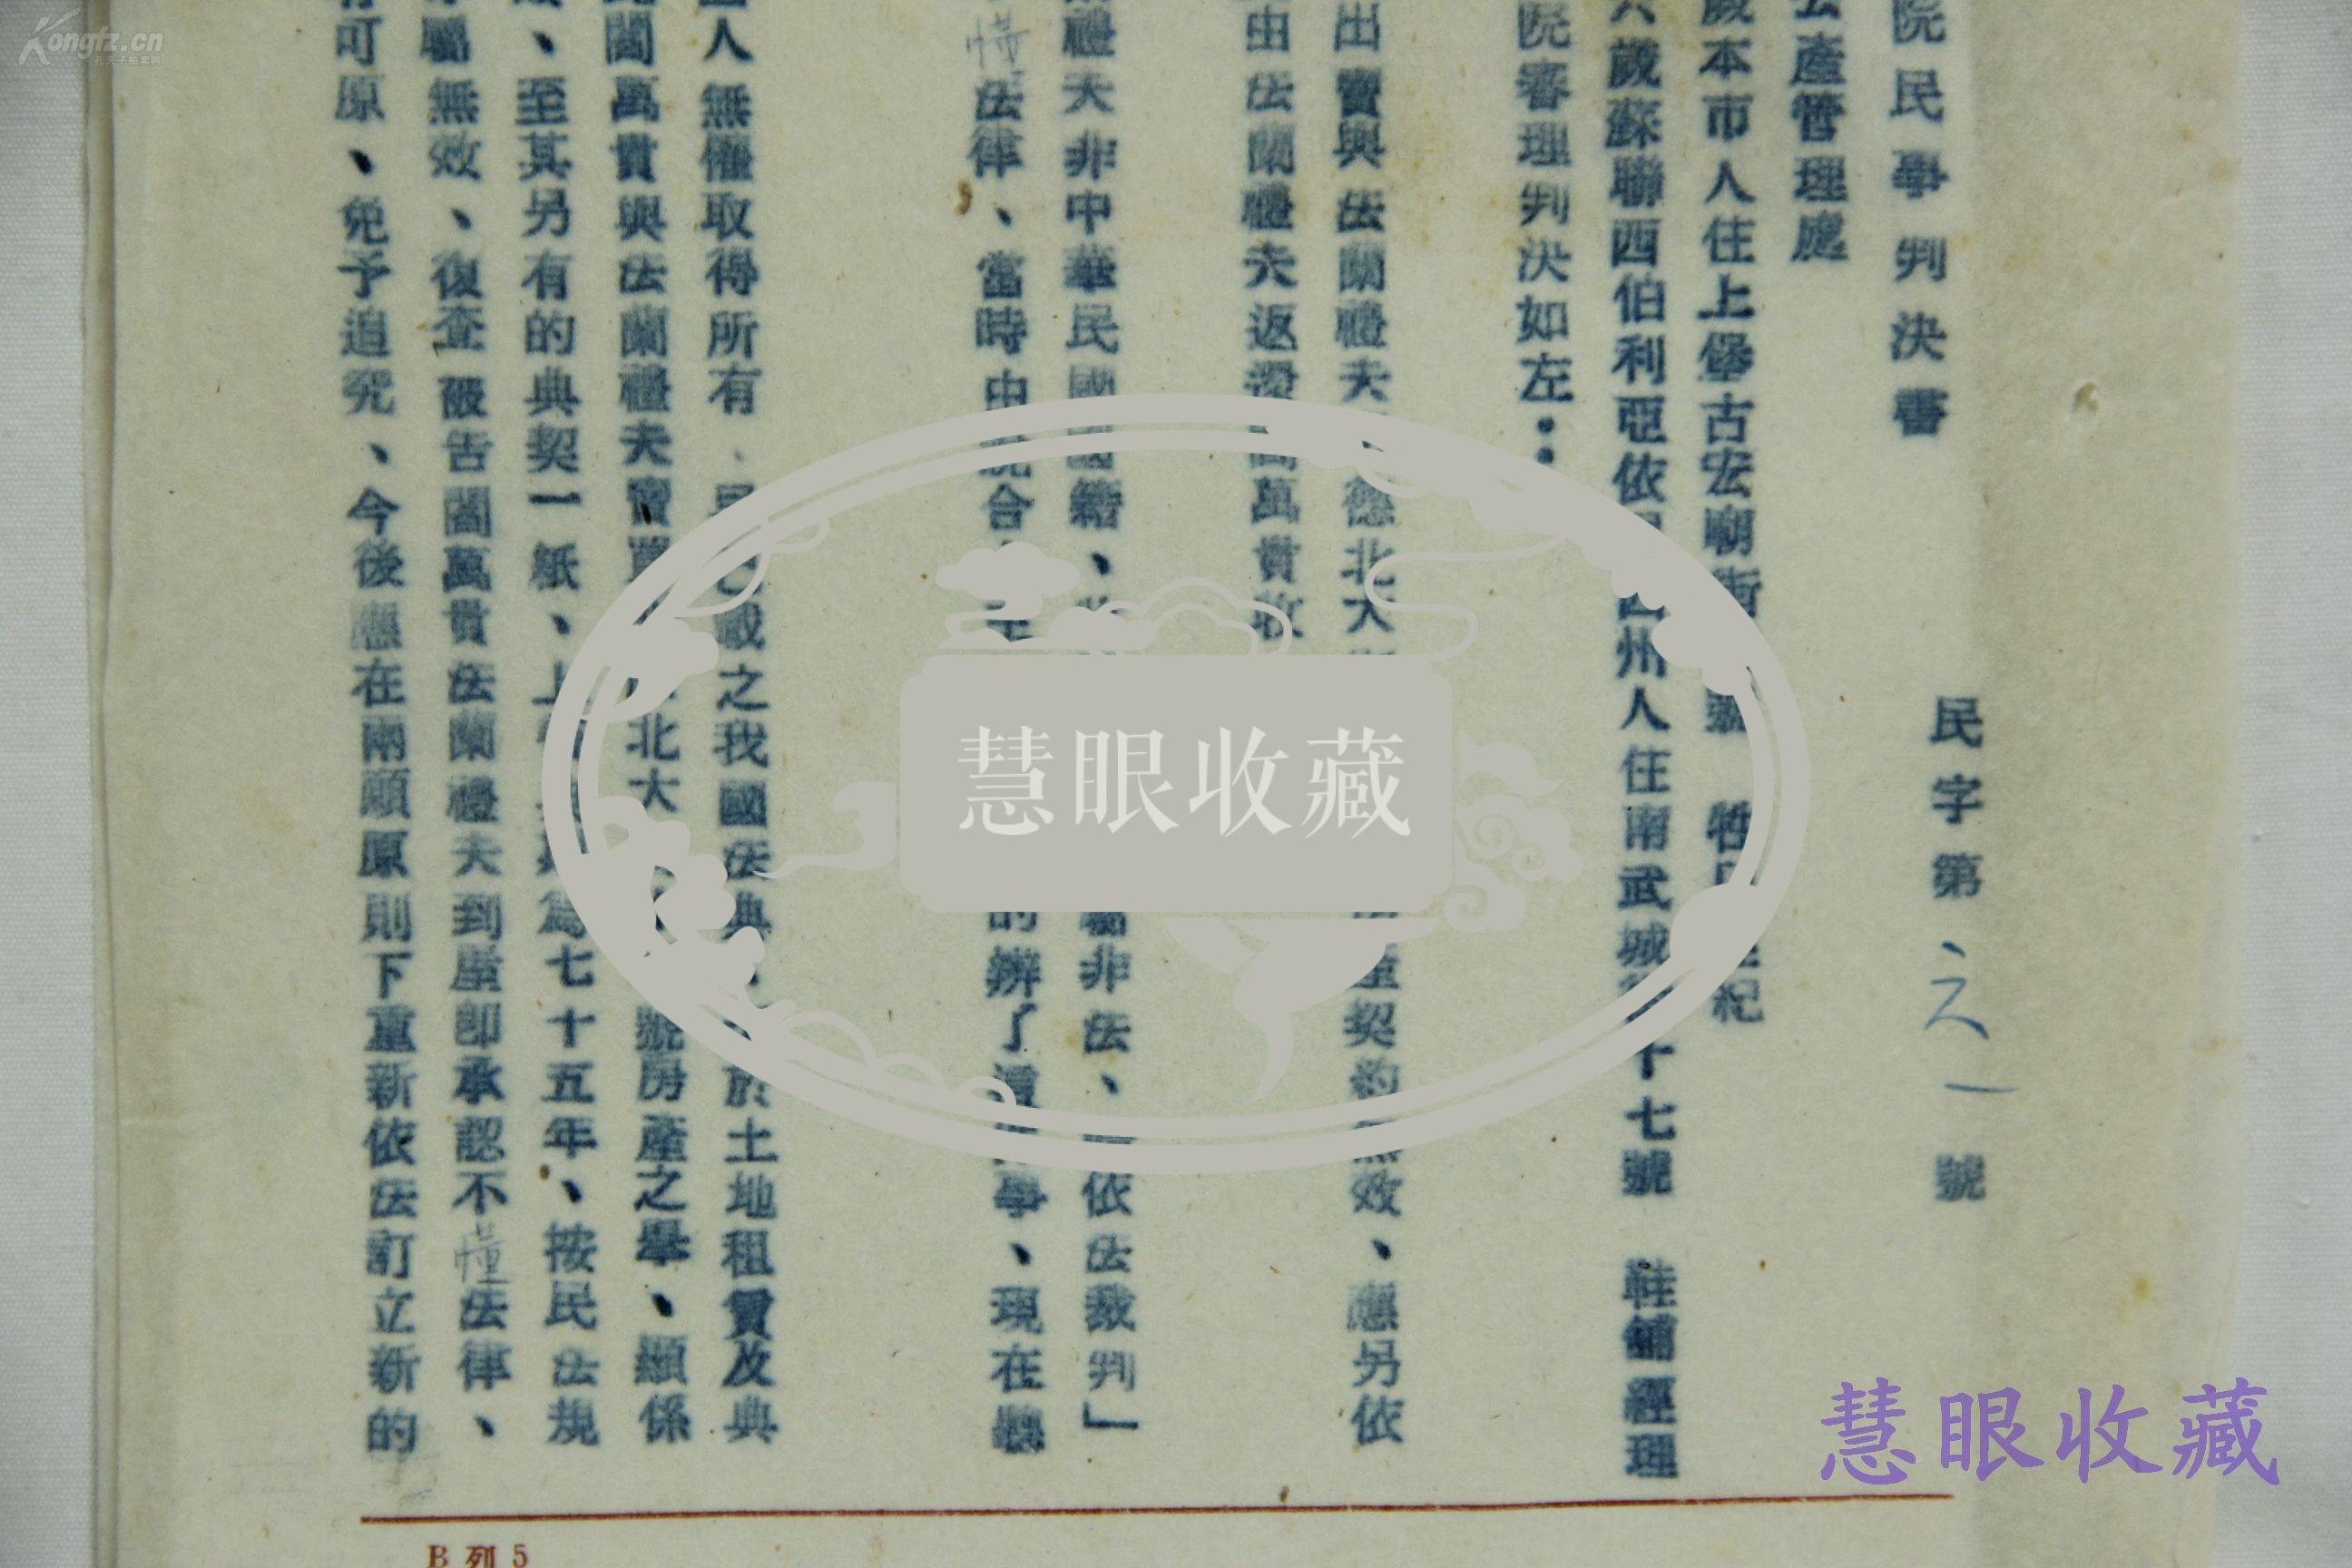 红色文献===35年晋察冀边区张家口市地方民事判决一份共2页